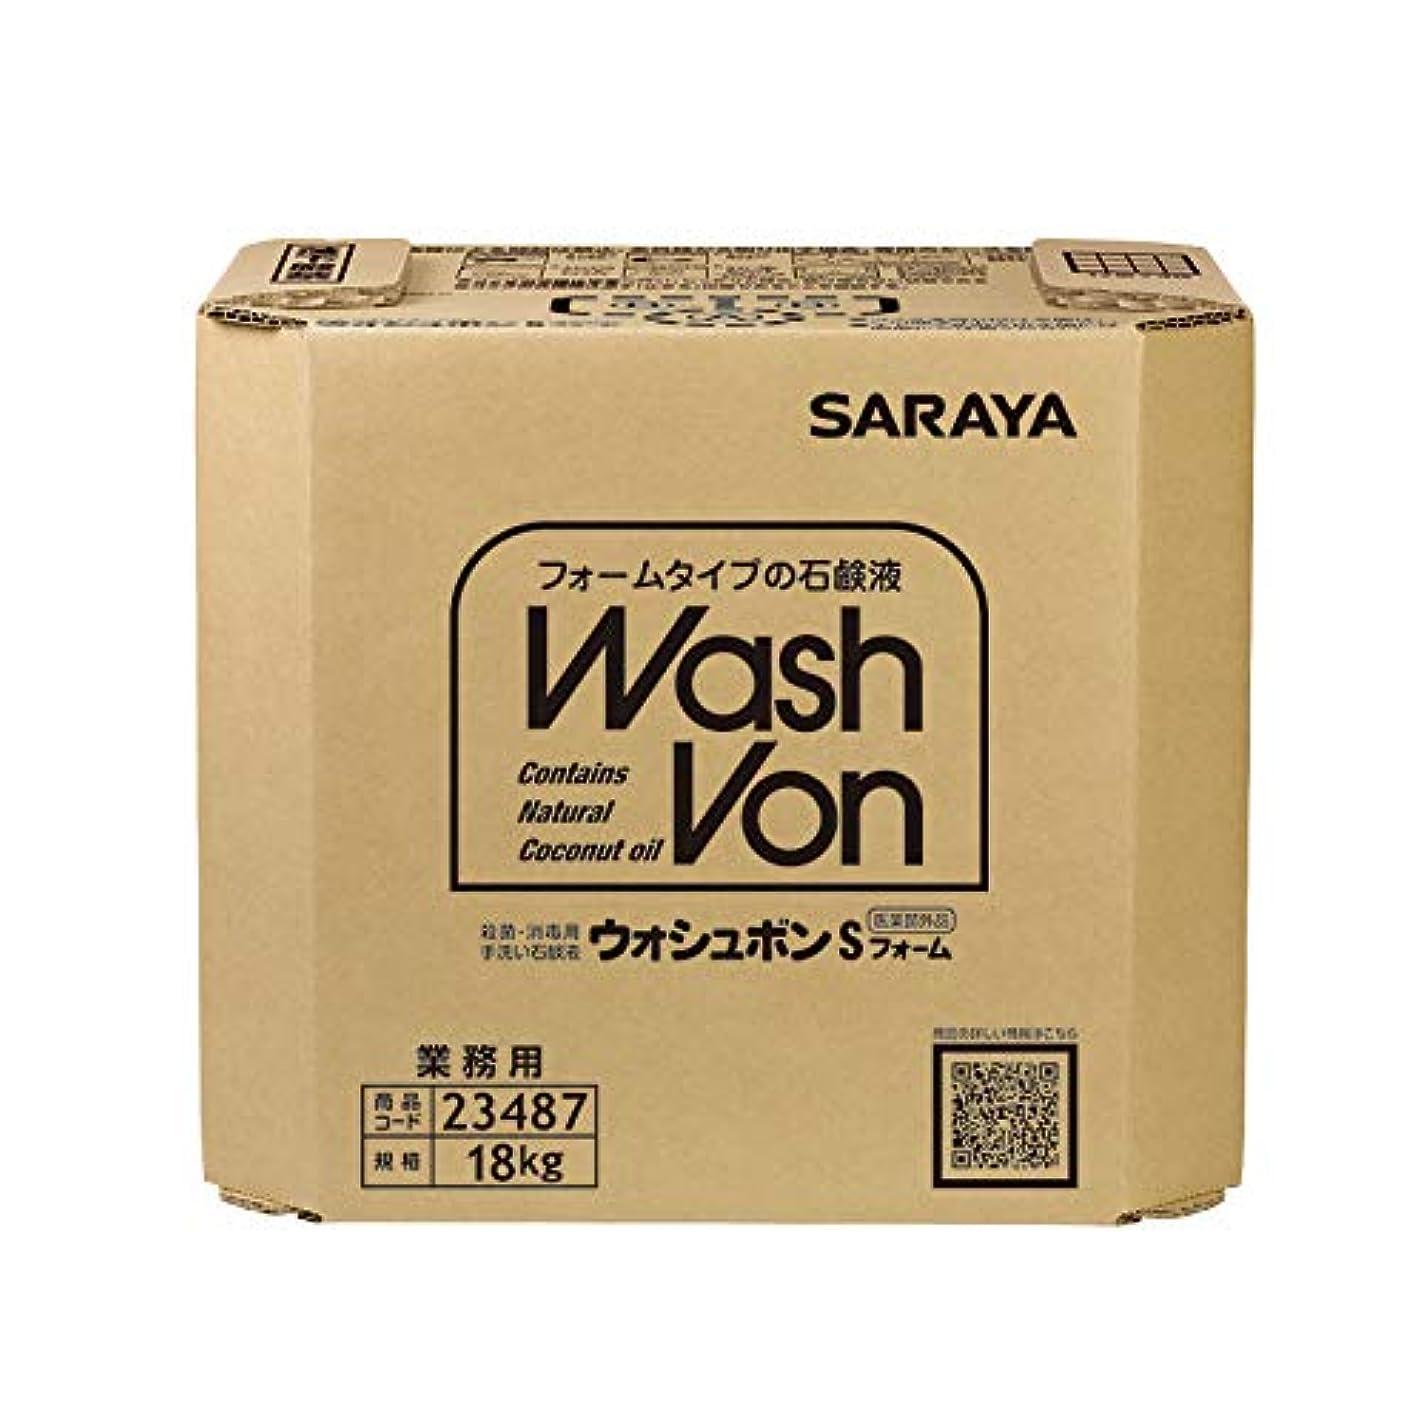 分数中古偏見サラヤ ウォシュボン Sフォーム 18kg 23487 (コック付き)